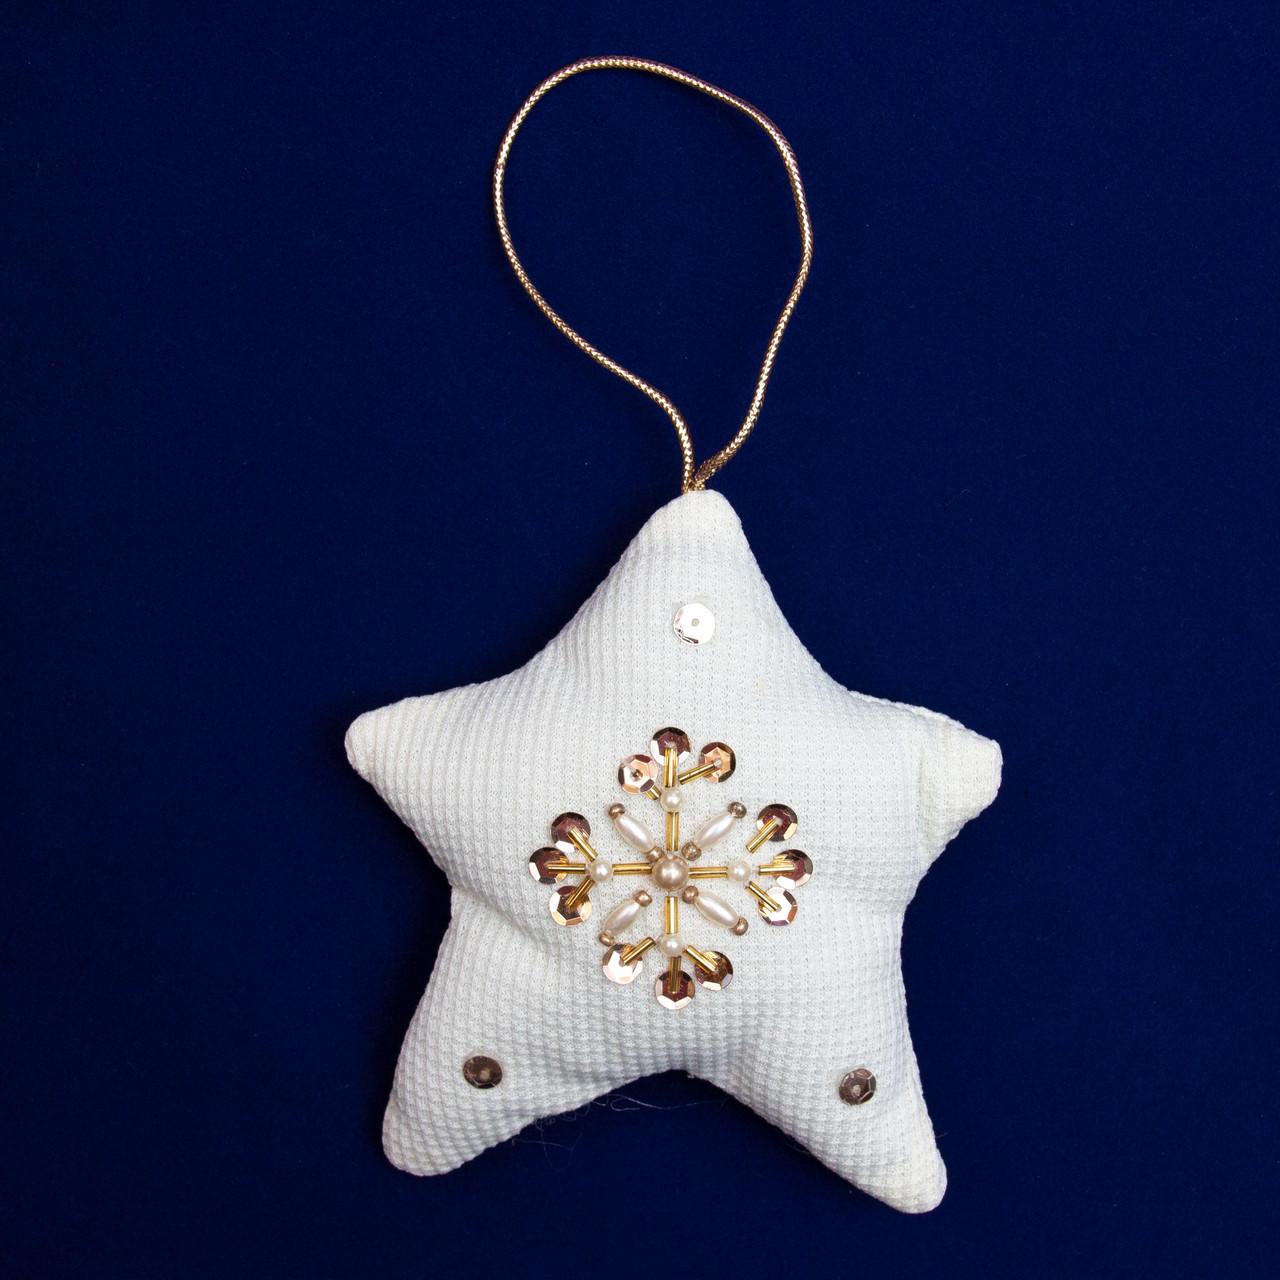 Елочное украшение из ткани с бисером, 8 см, звезда (430086-2)